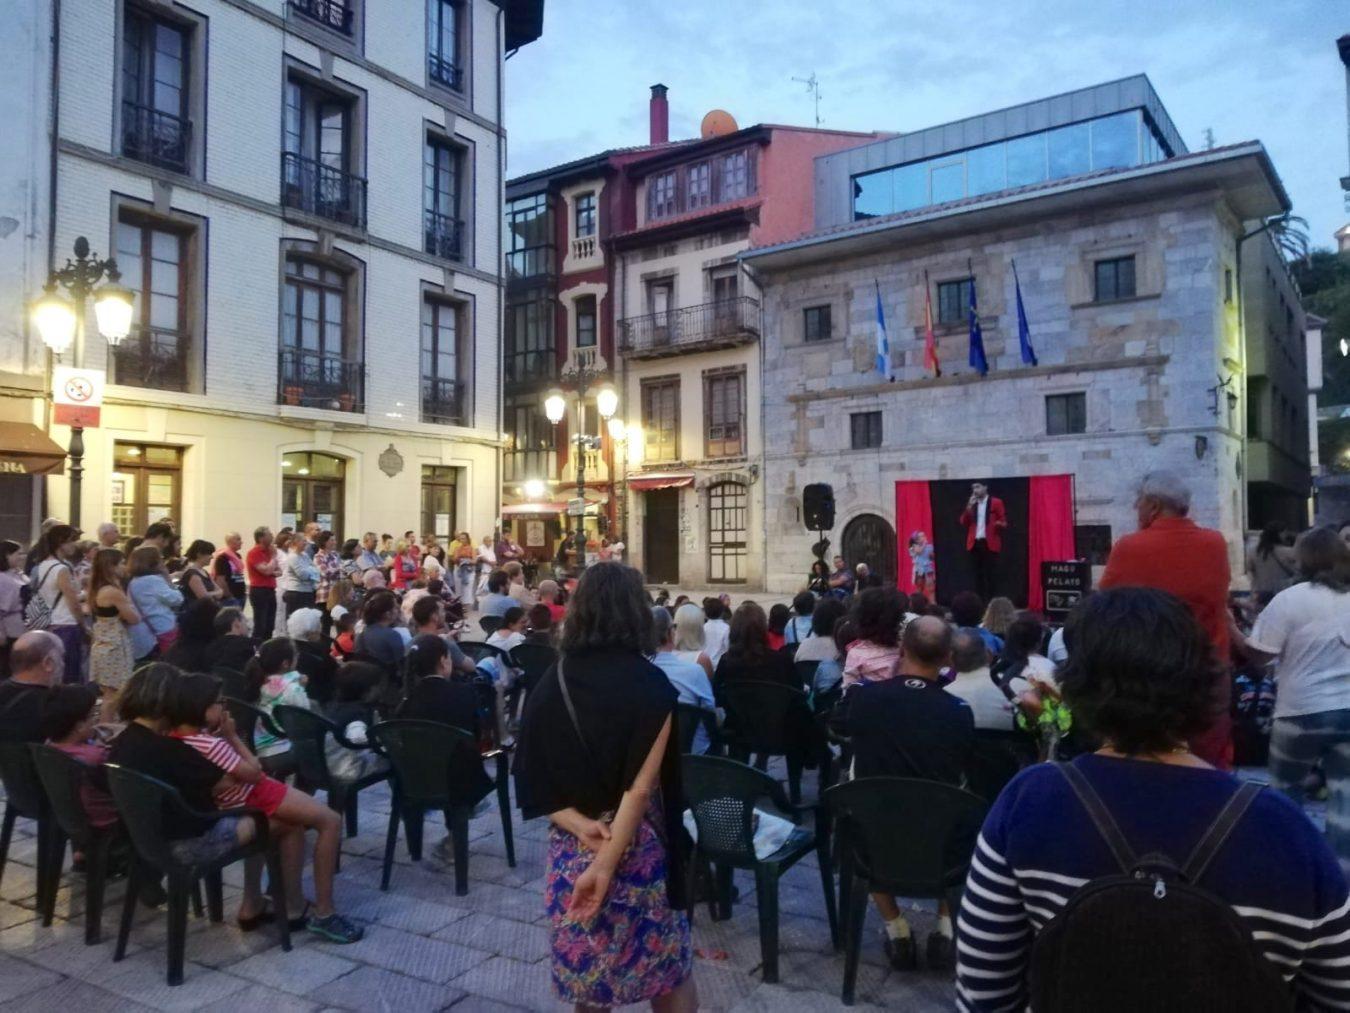 El ilusionismo y la gracia del Mago Pelayo llenan de risas y carcajadas la plaza del Ayuntamiento de Ribadesella